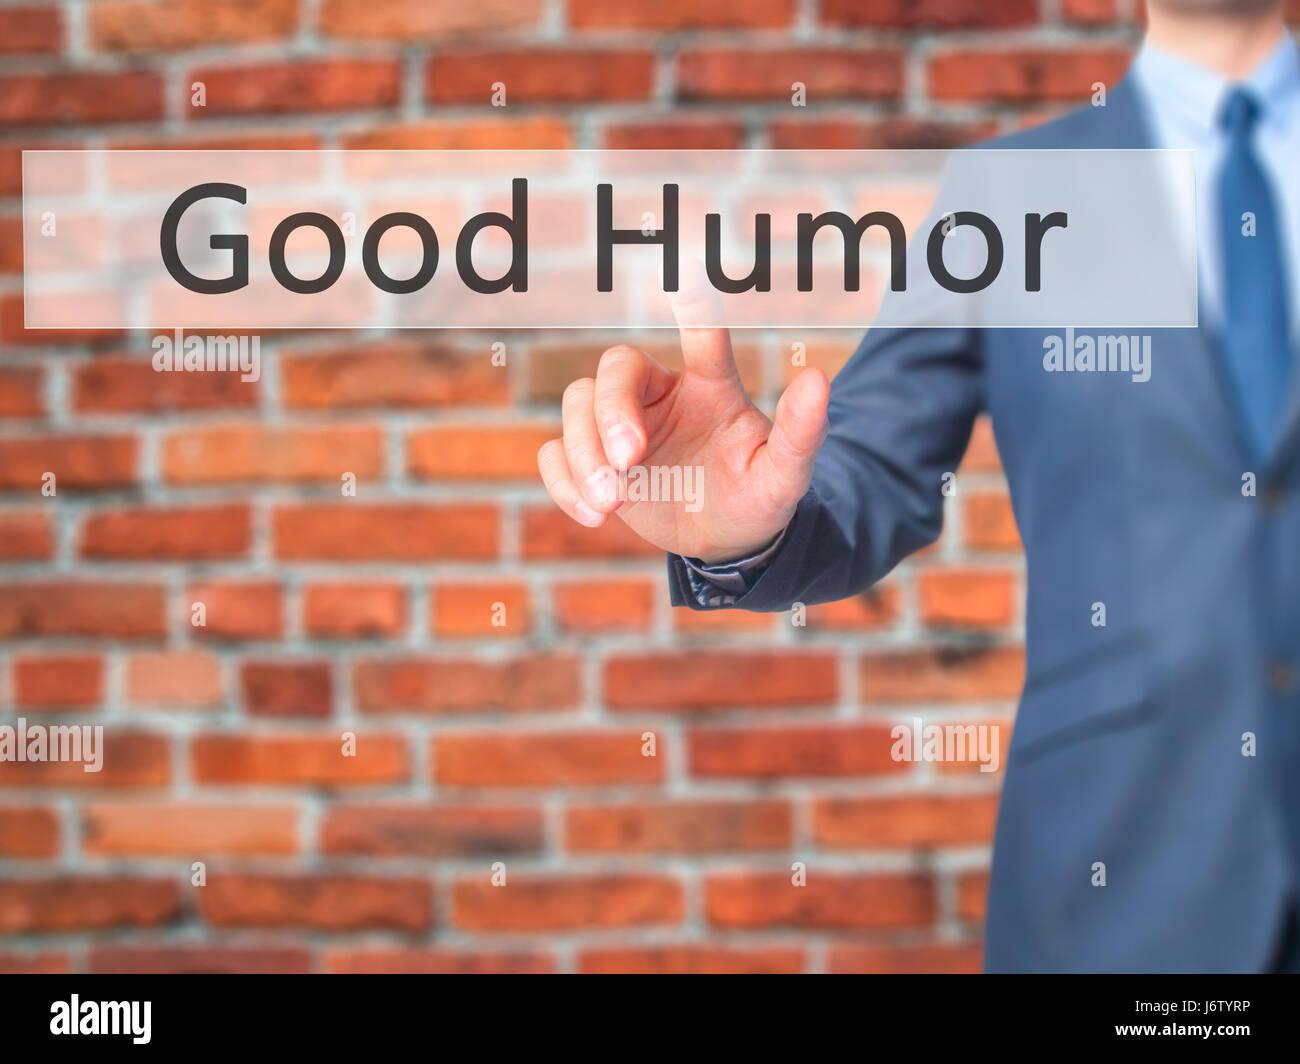 Buen Humor - Empresario mano pulsando el botón en la interfaz de pantalla táctil. Negocios, tecnología, Imagen De Stock